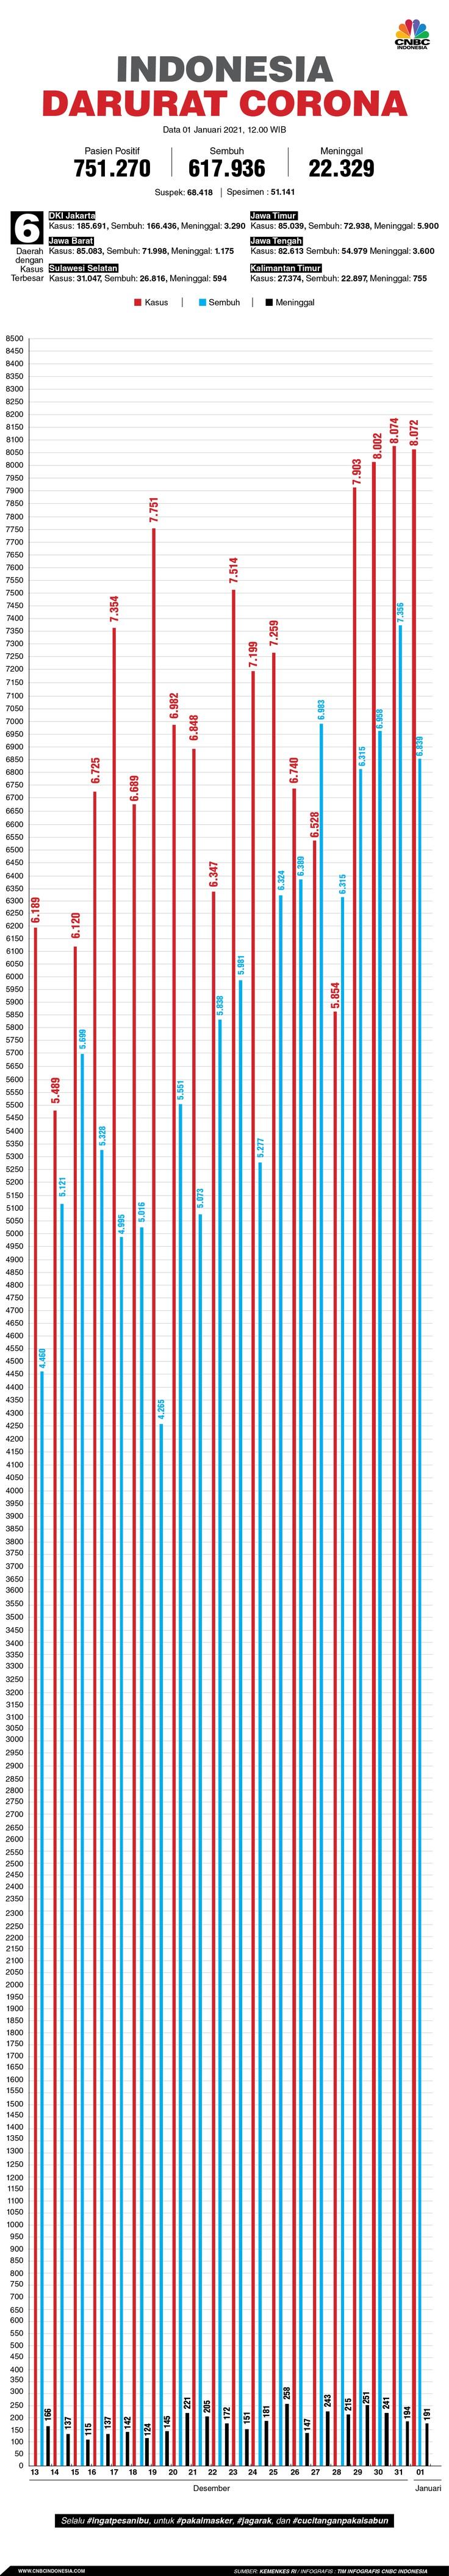 Infografis/Update Corona 01 Desember 2021